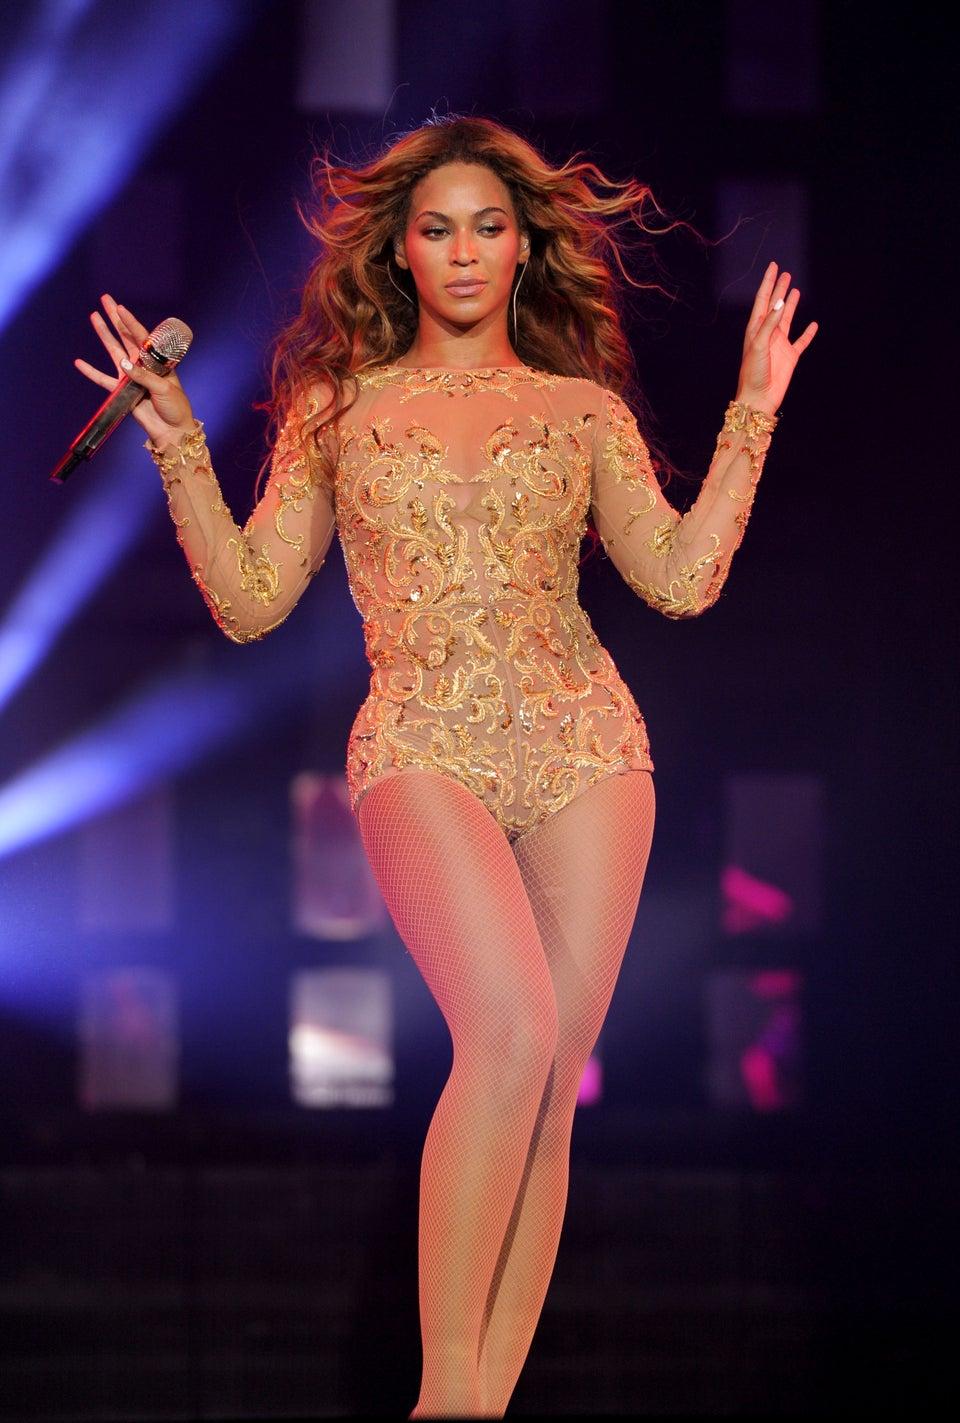 5 Ways Beyoncé May Surprise Us at the VMAs